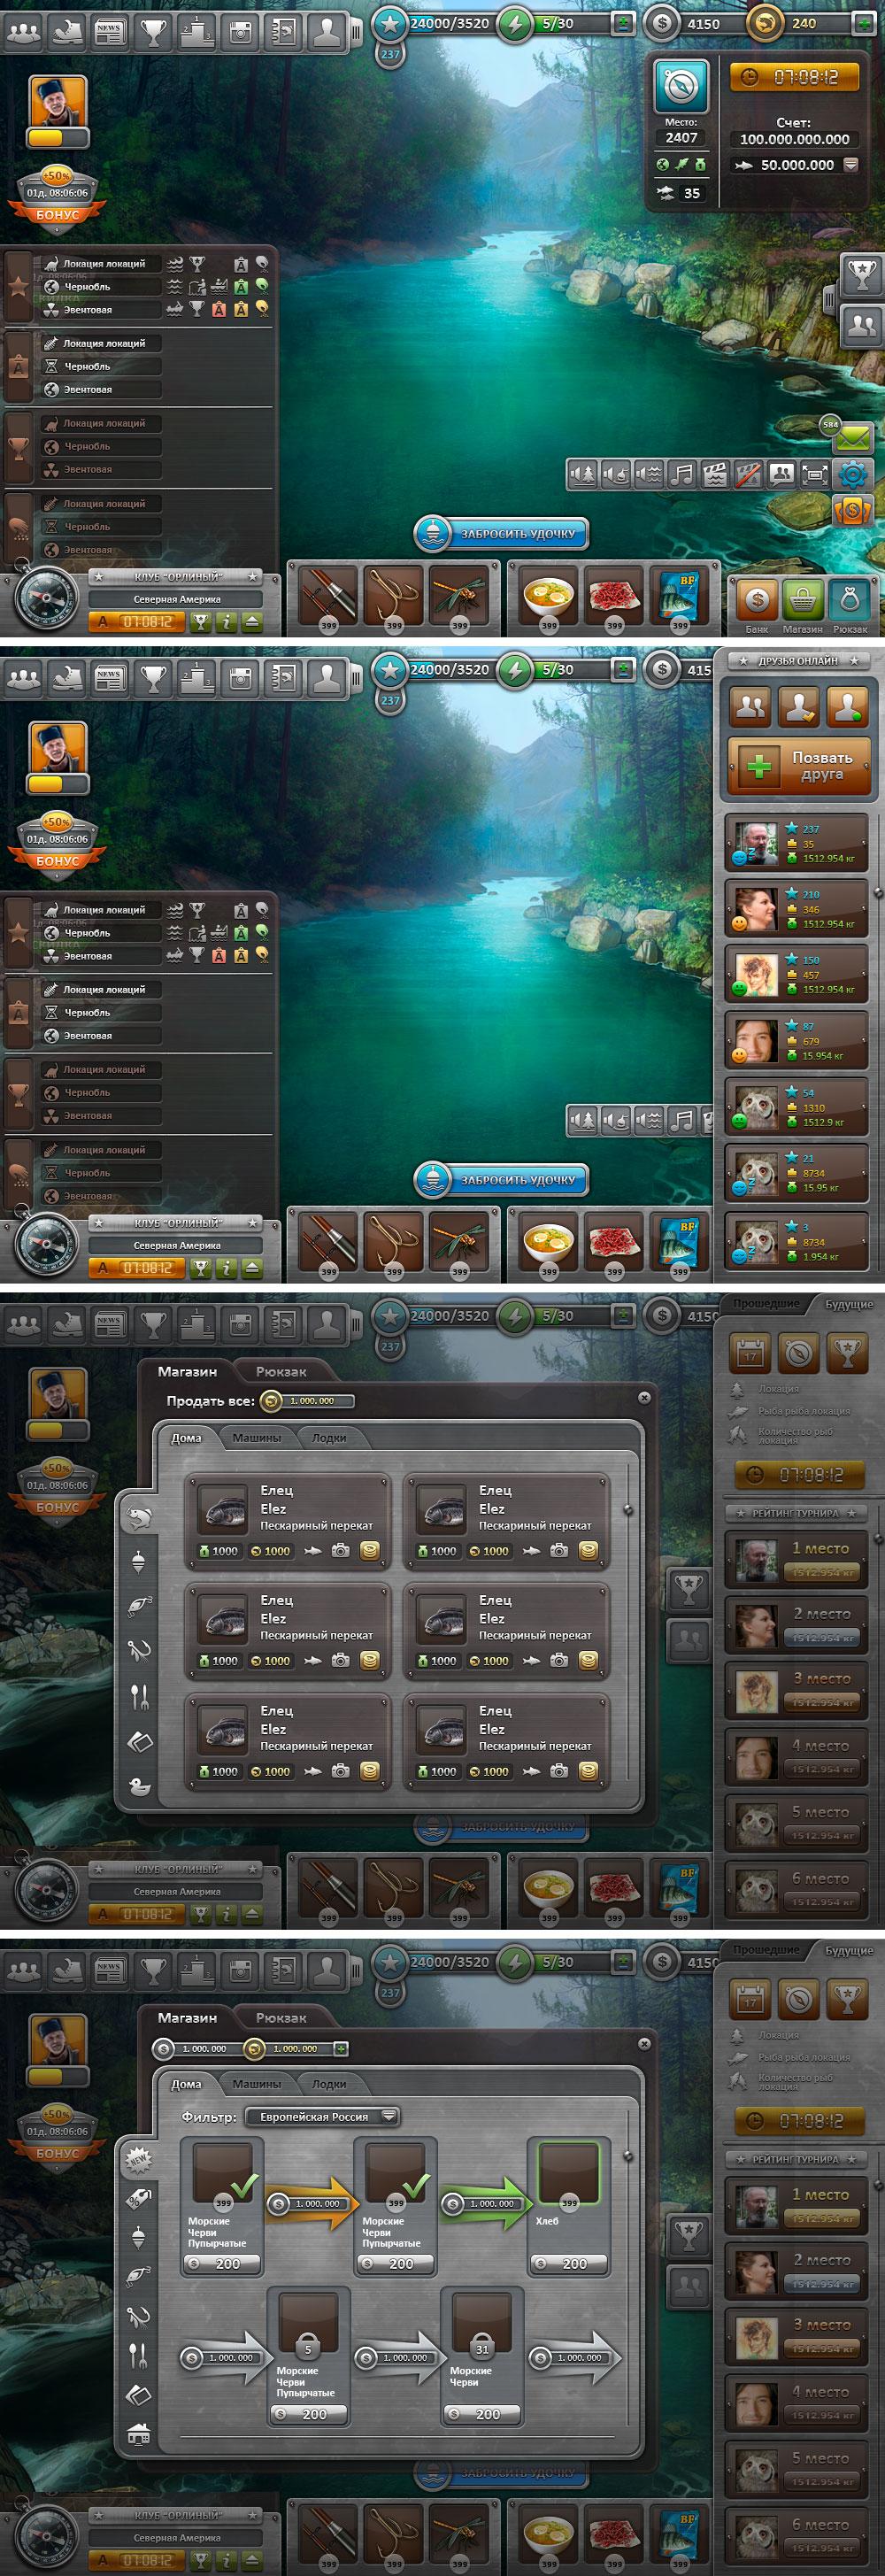 """Социальная многопользовательская игра """"Рыбалка"""" (дизайн UI)"""